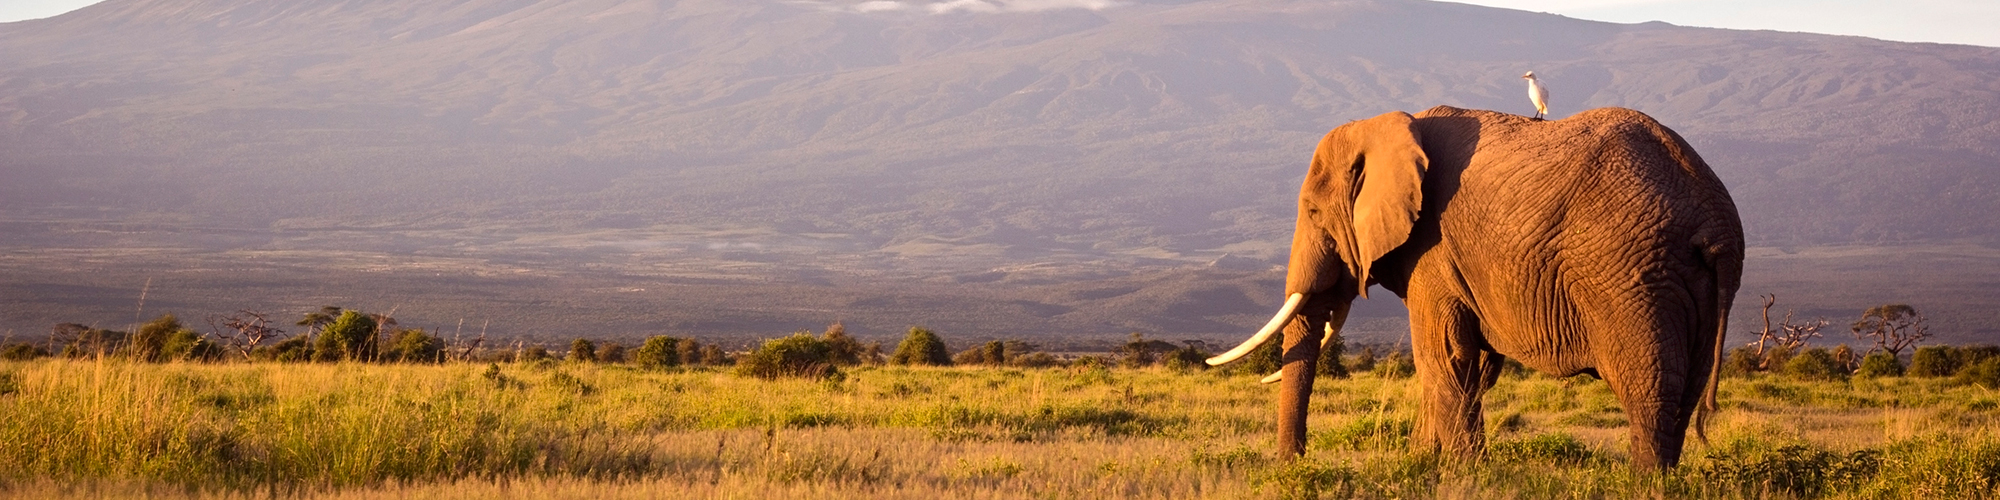 La Kenia memorias de África - EL PAÍS Viajes